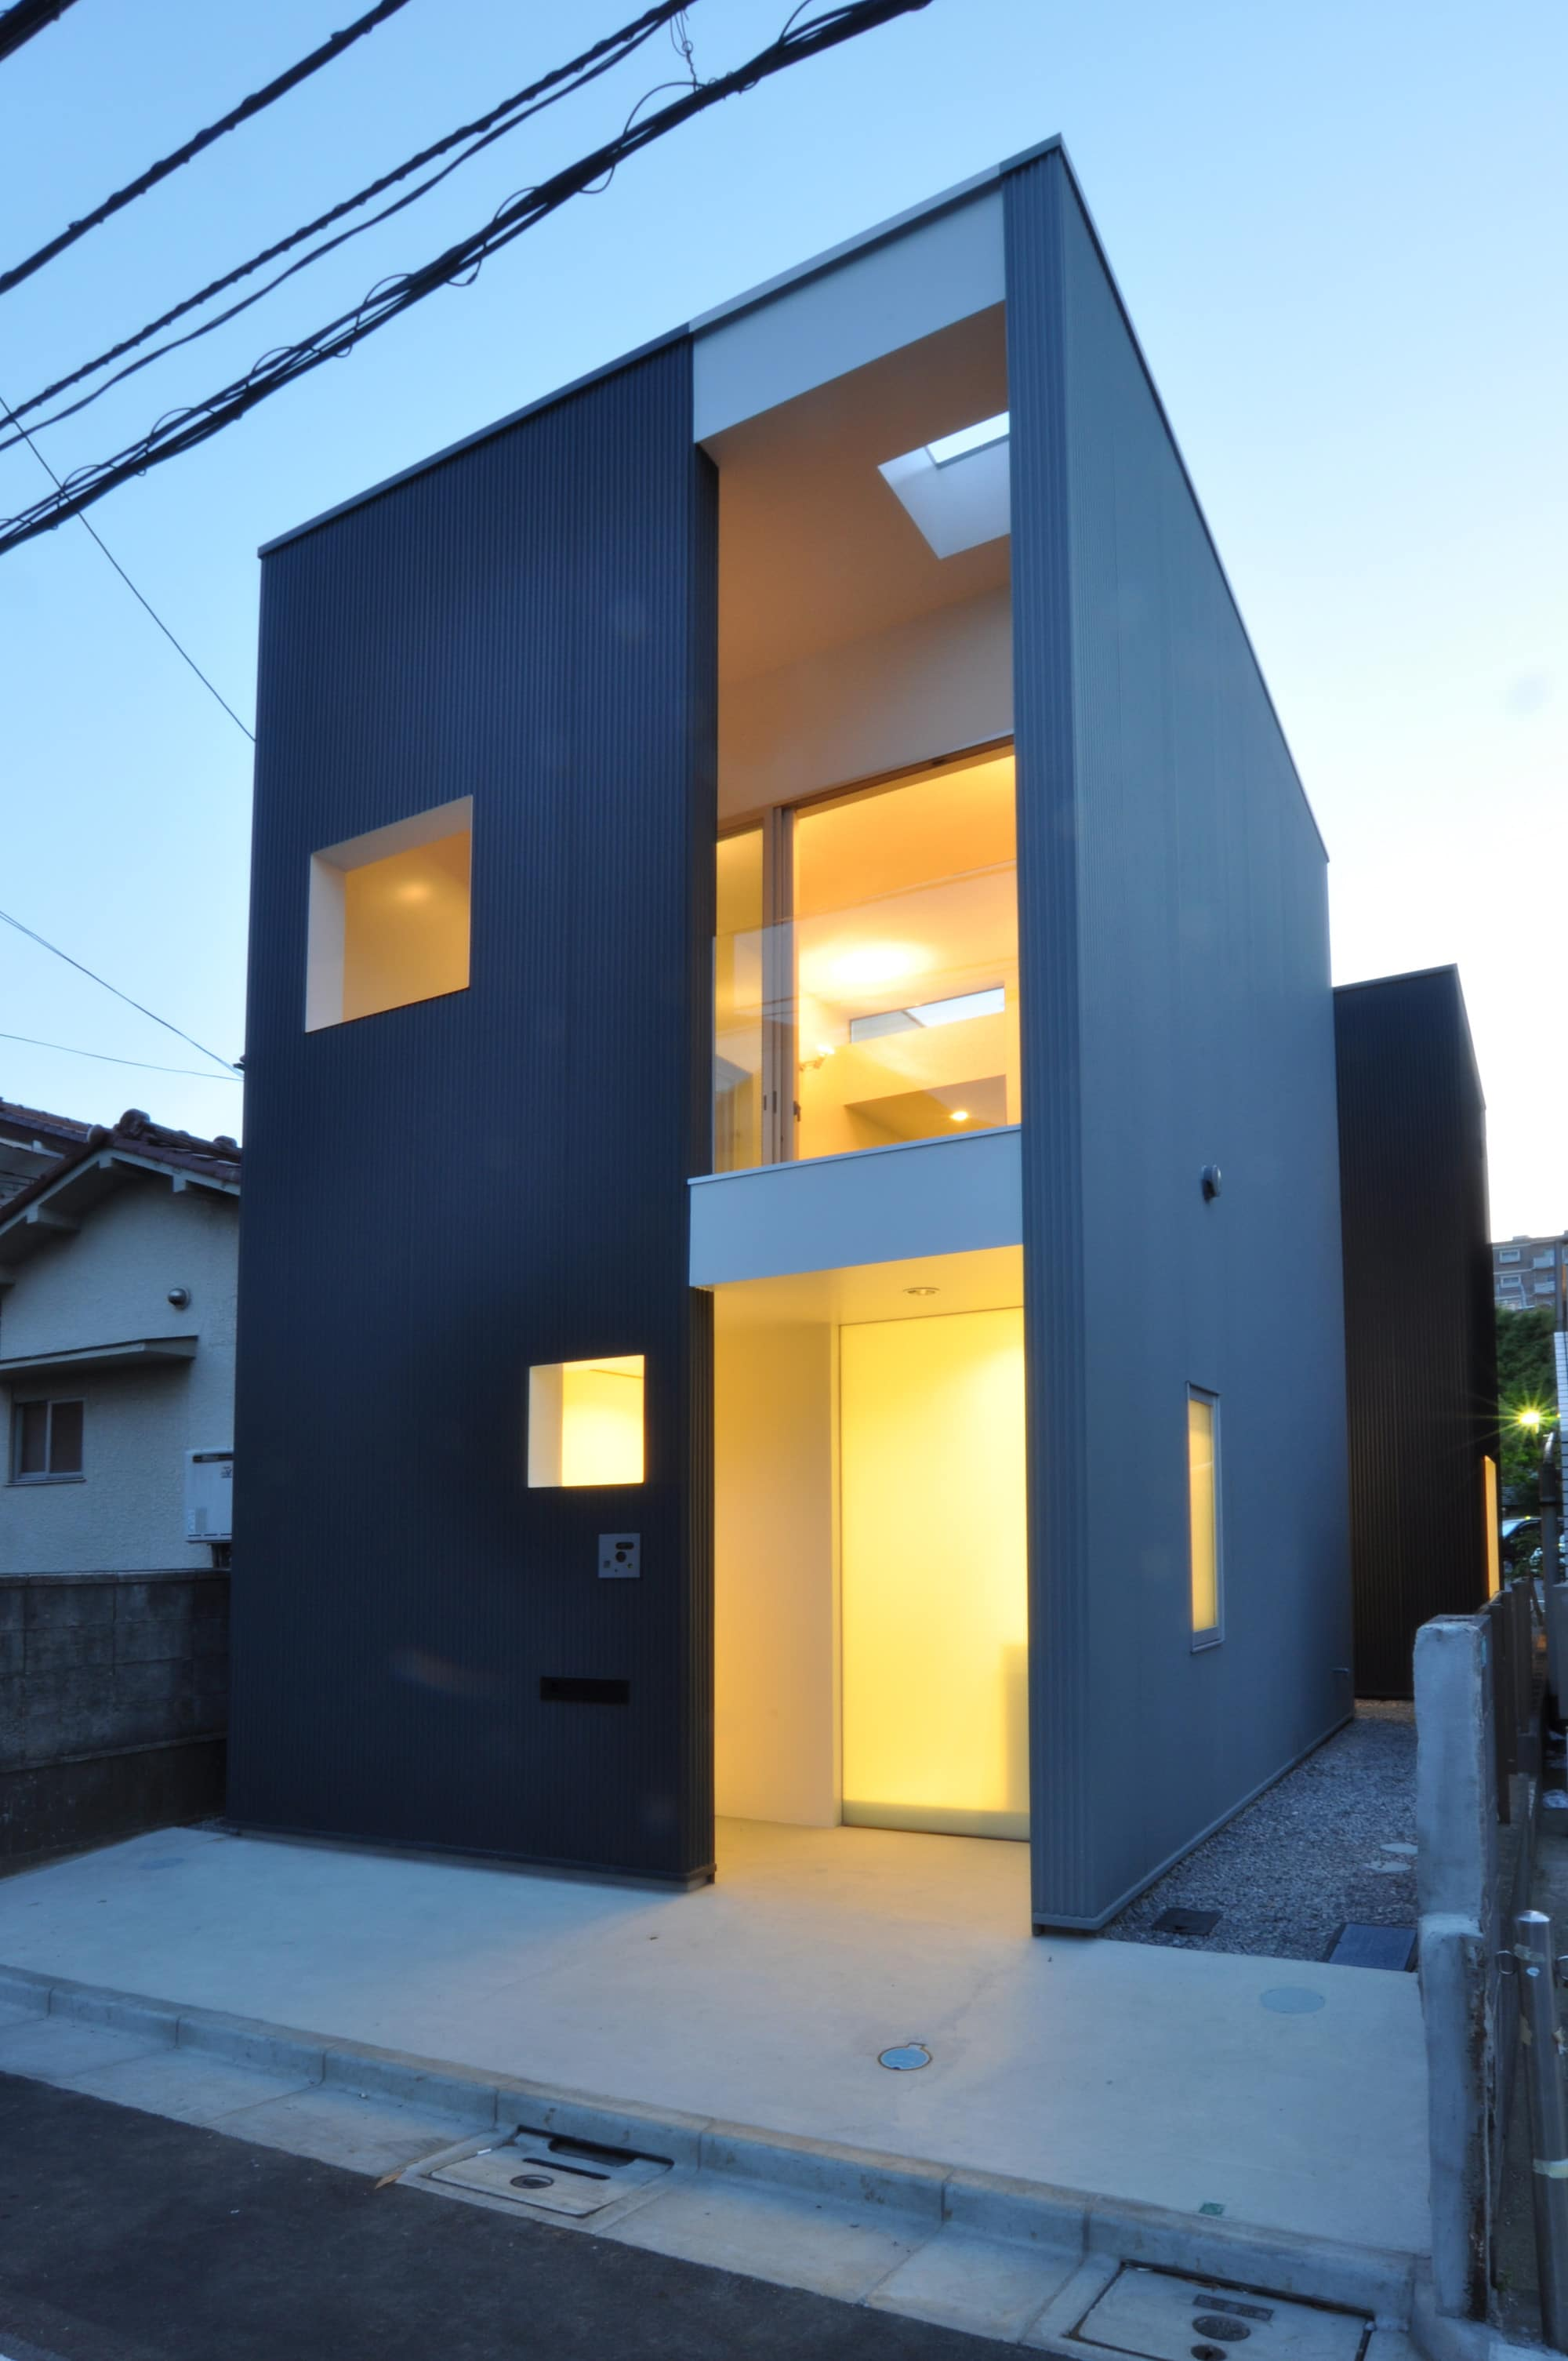 Dise o de casas angostas y largas for Modelos de fachadas para casas de 2 pisos